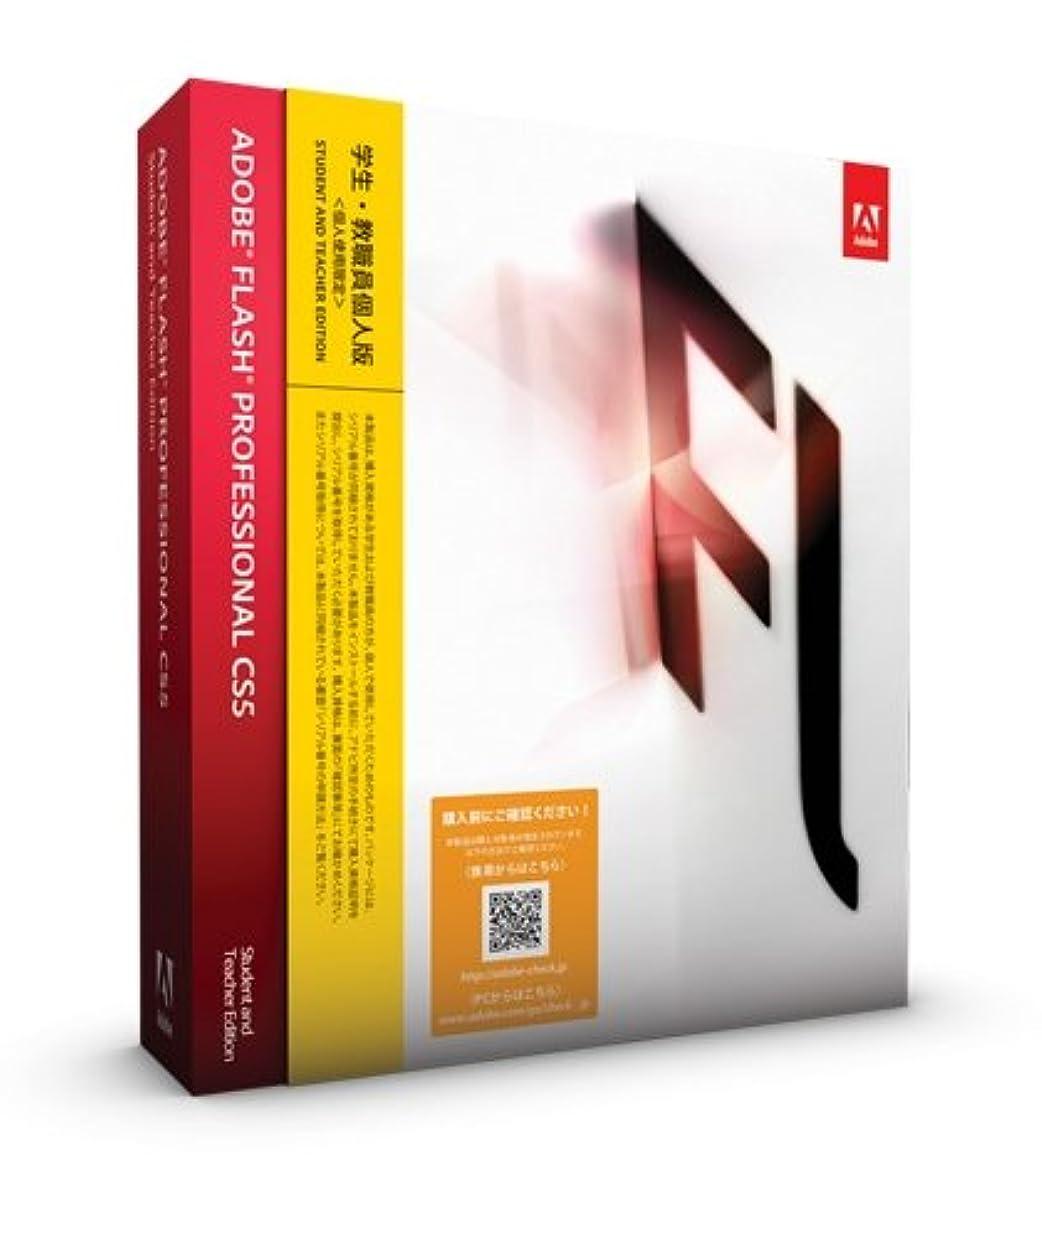 ウェイトレス海峡三角形学生?教職員個人版 Adobe Flash Professional CS5 Windows版 (要シリアル番号申請)